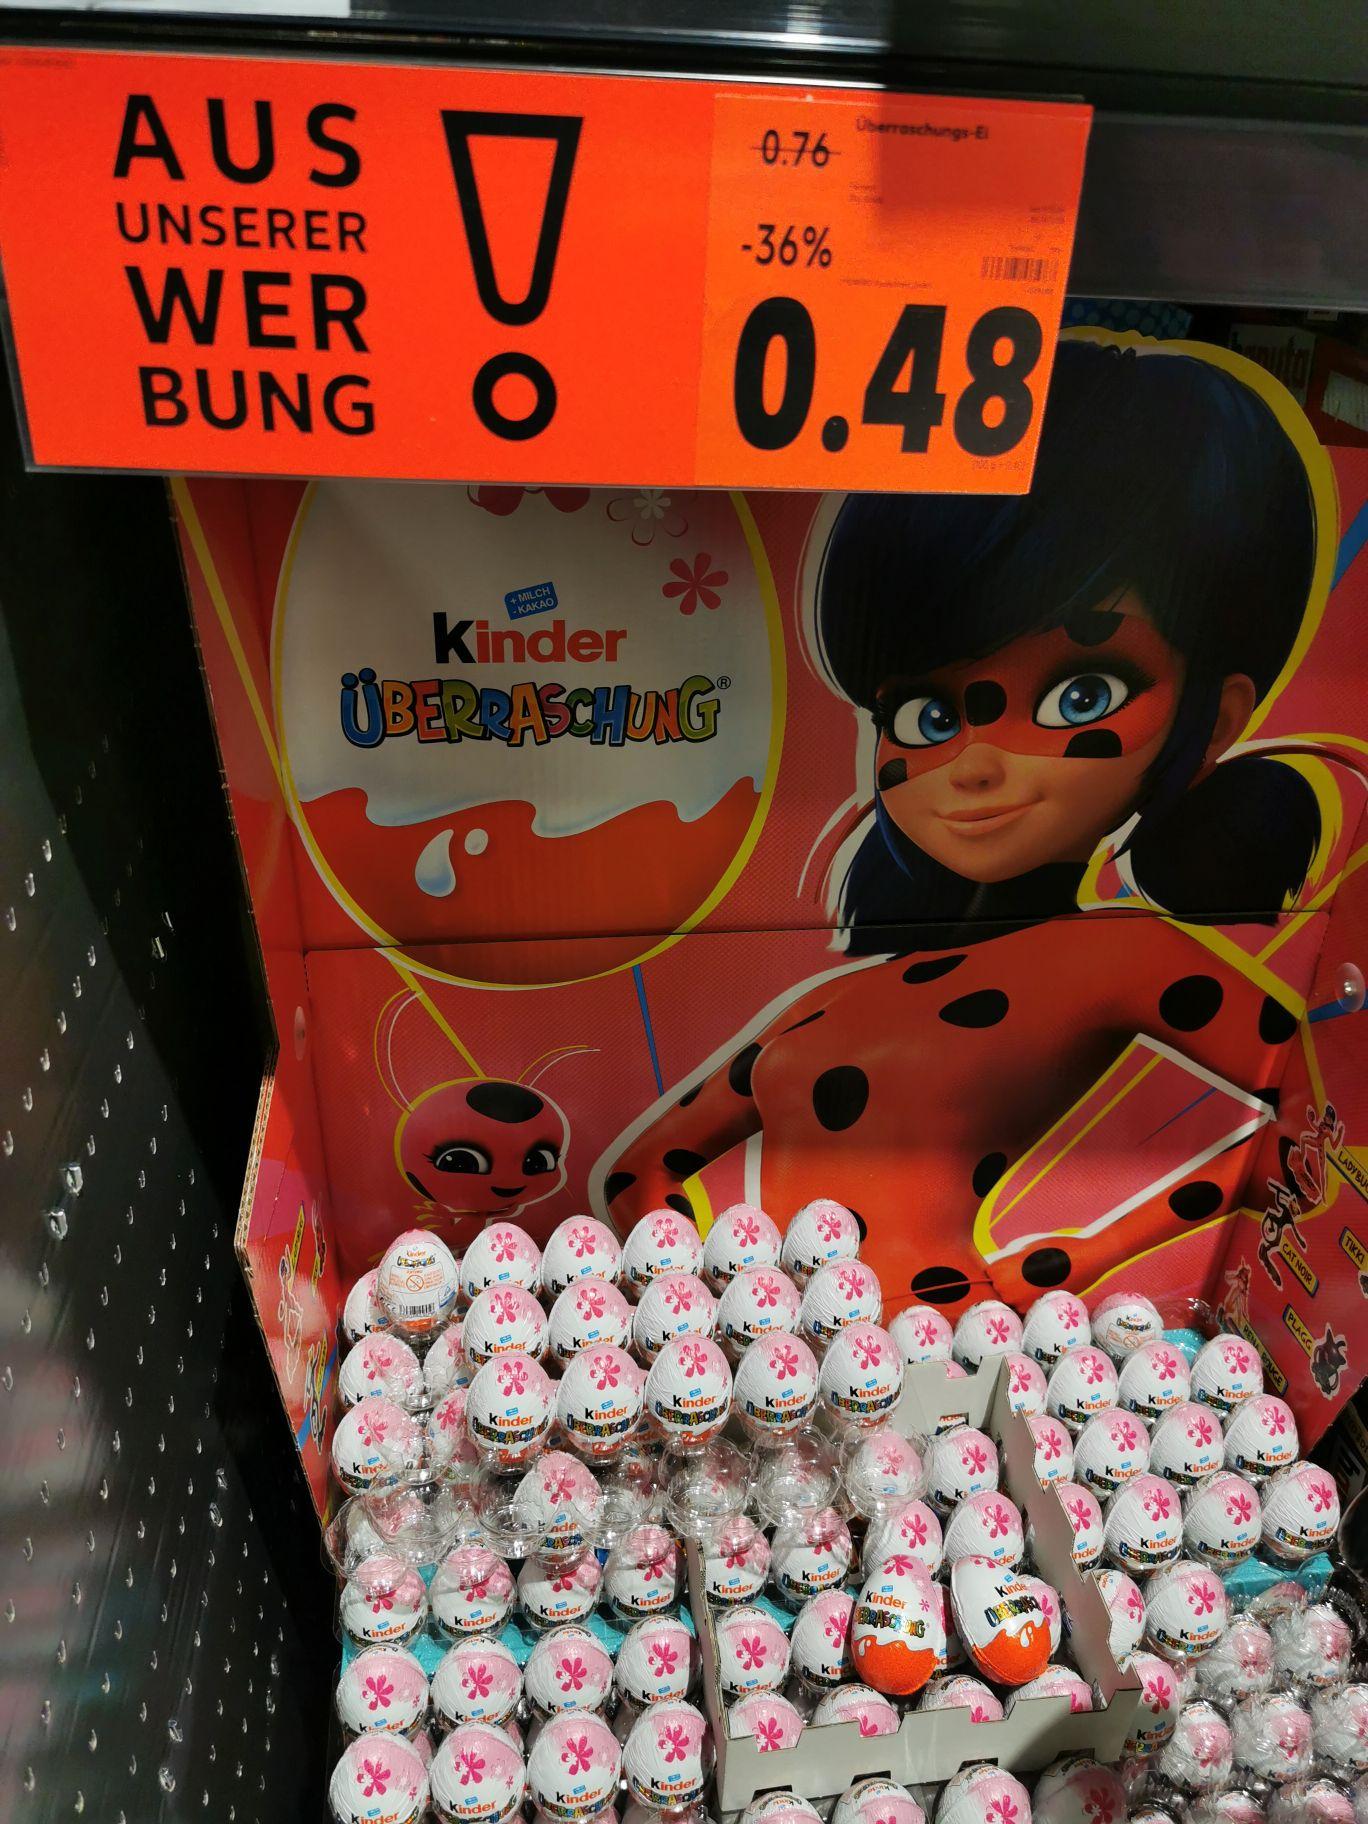 Kinder Überraschung Ei (Kaufland)